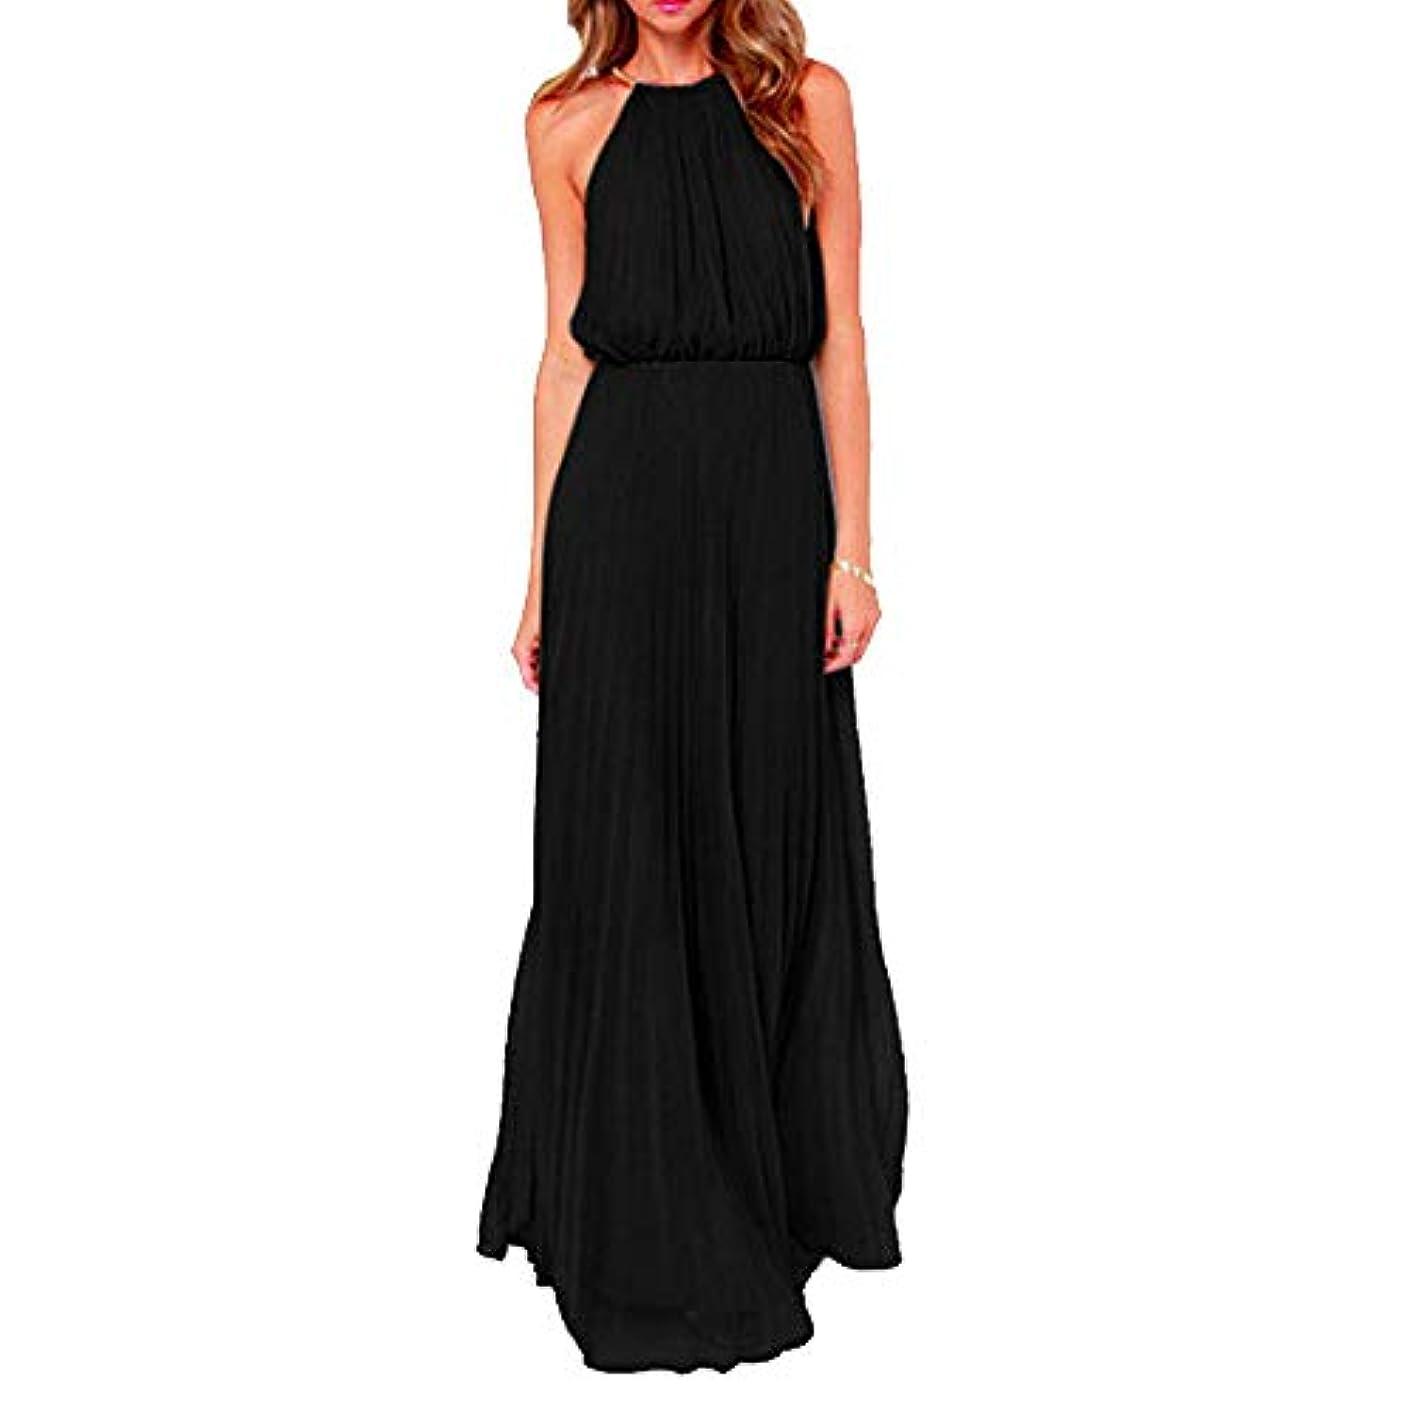 ベテラン貫通大宇宙MIFANロングドレス、セクシーなドレス、エレガント、女性のファッション、ノースリーブのドレス、ファッションドレス、ニット、スリム